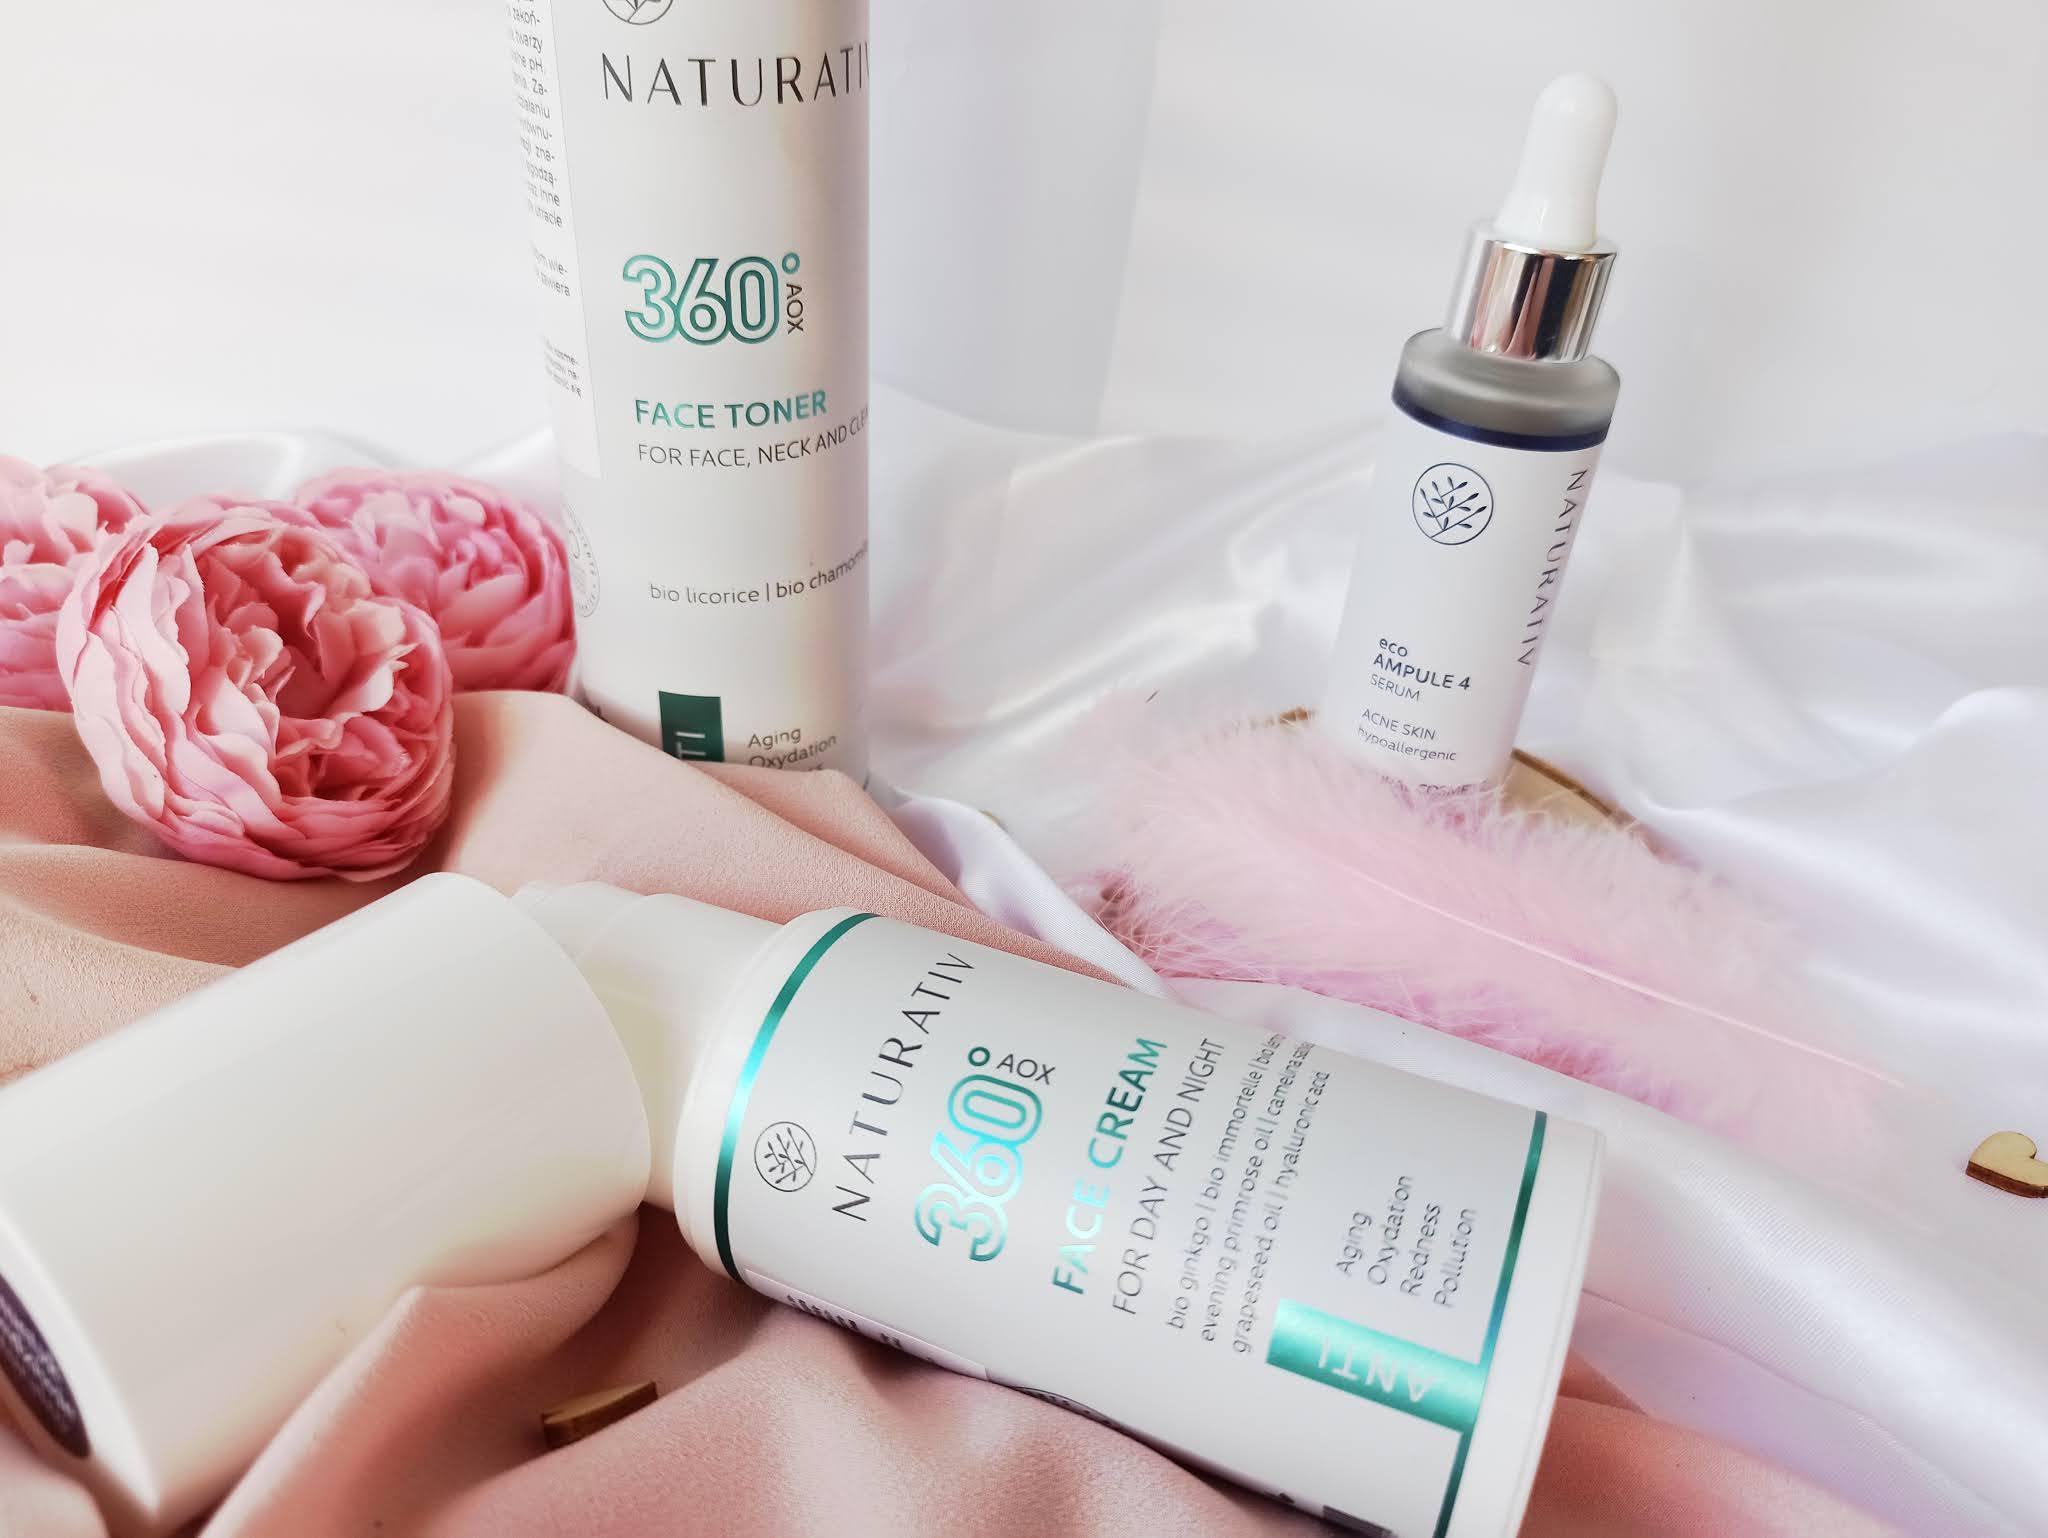 Recenzja kosmetyków od marki Naturativ - krem, serum oraz tonik